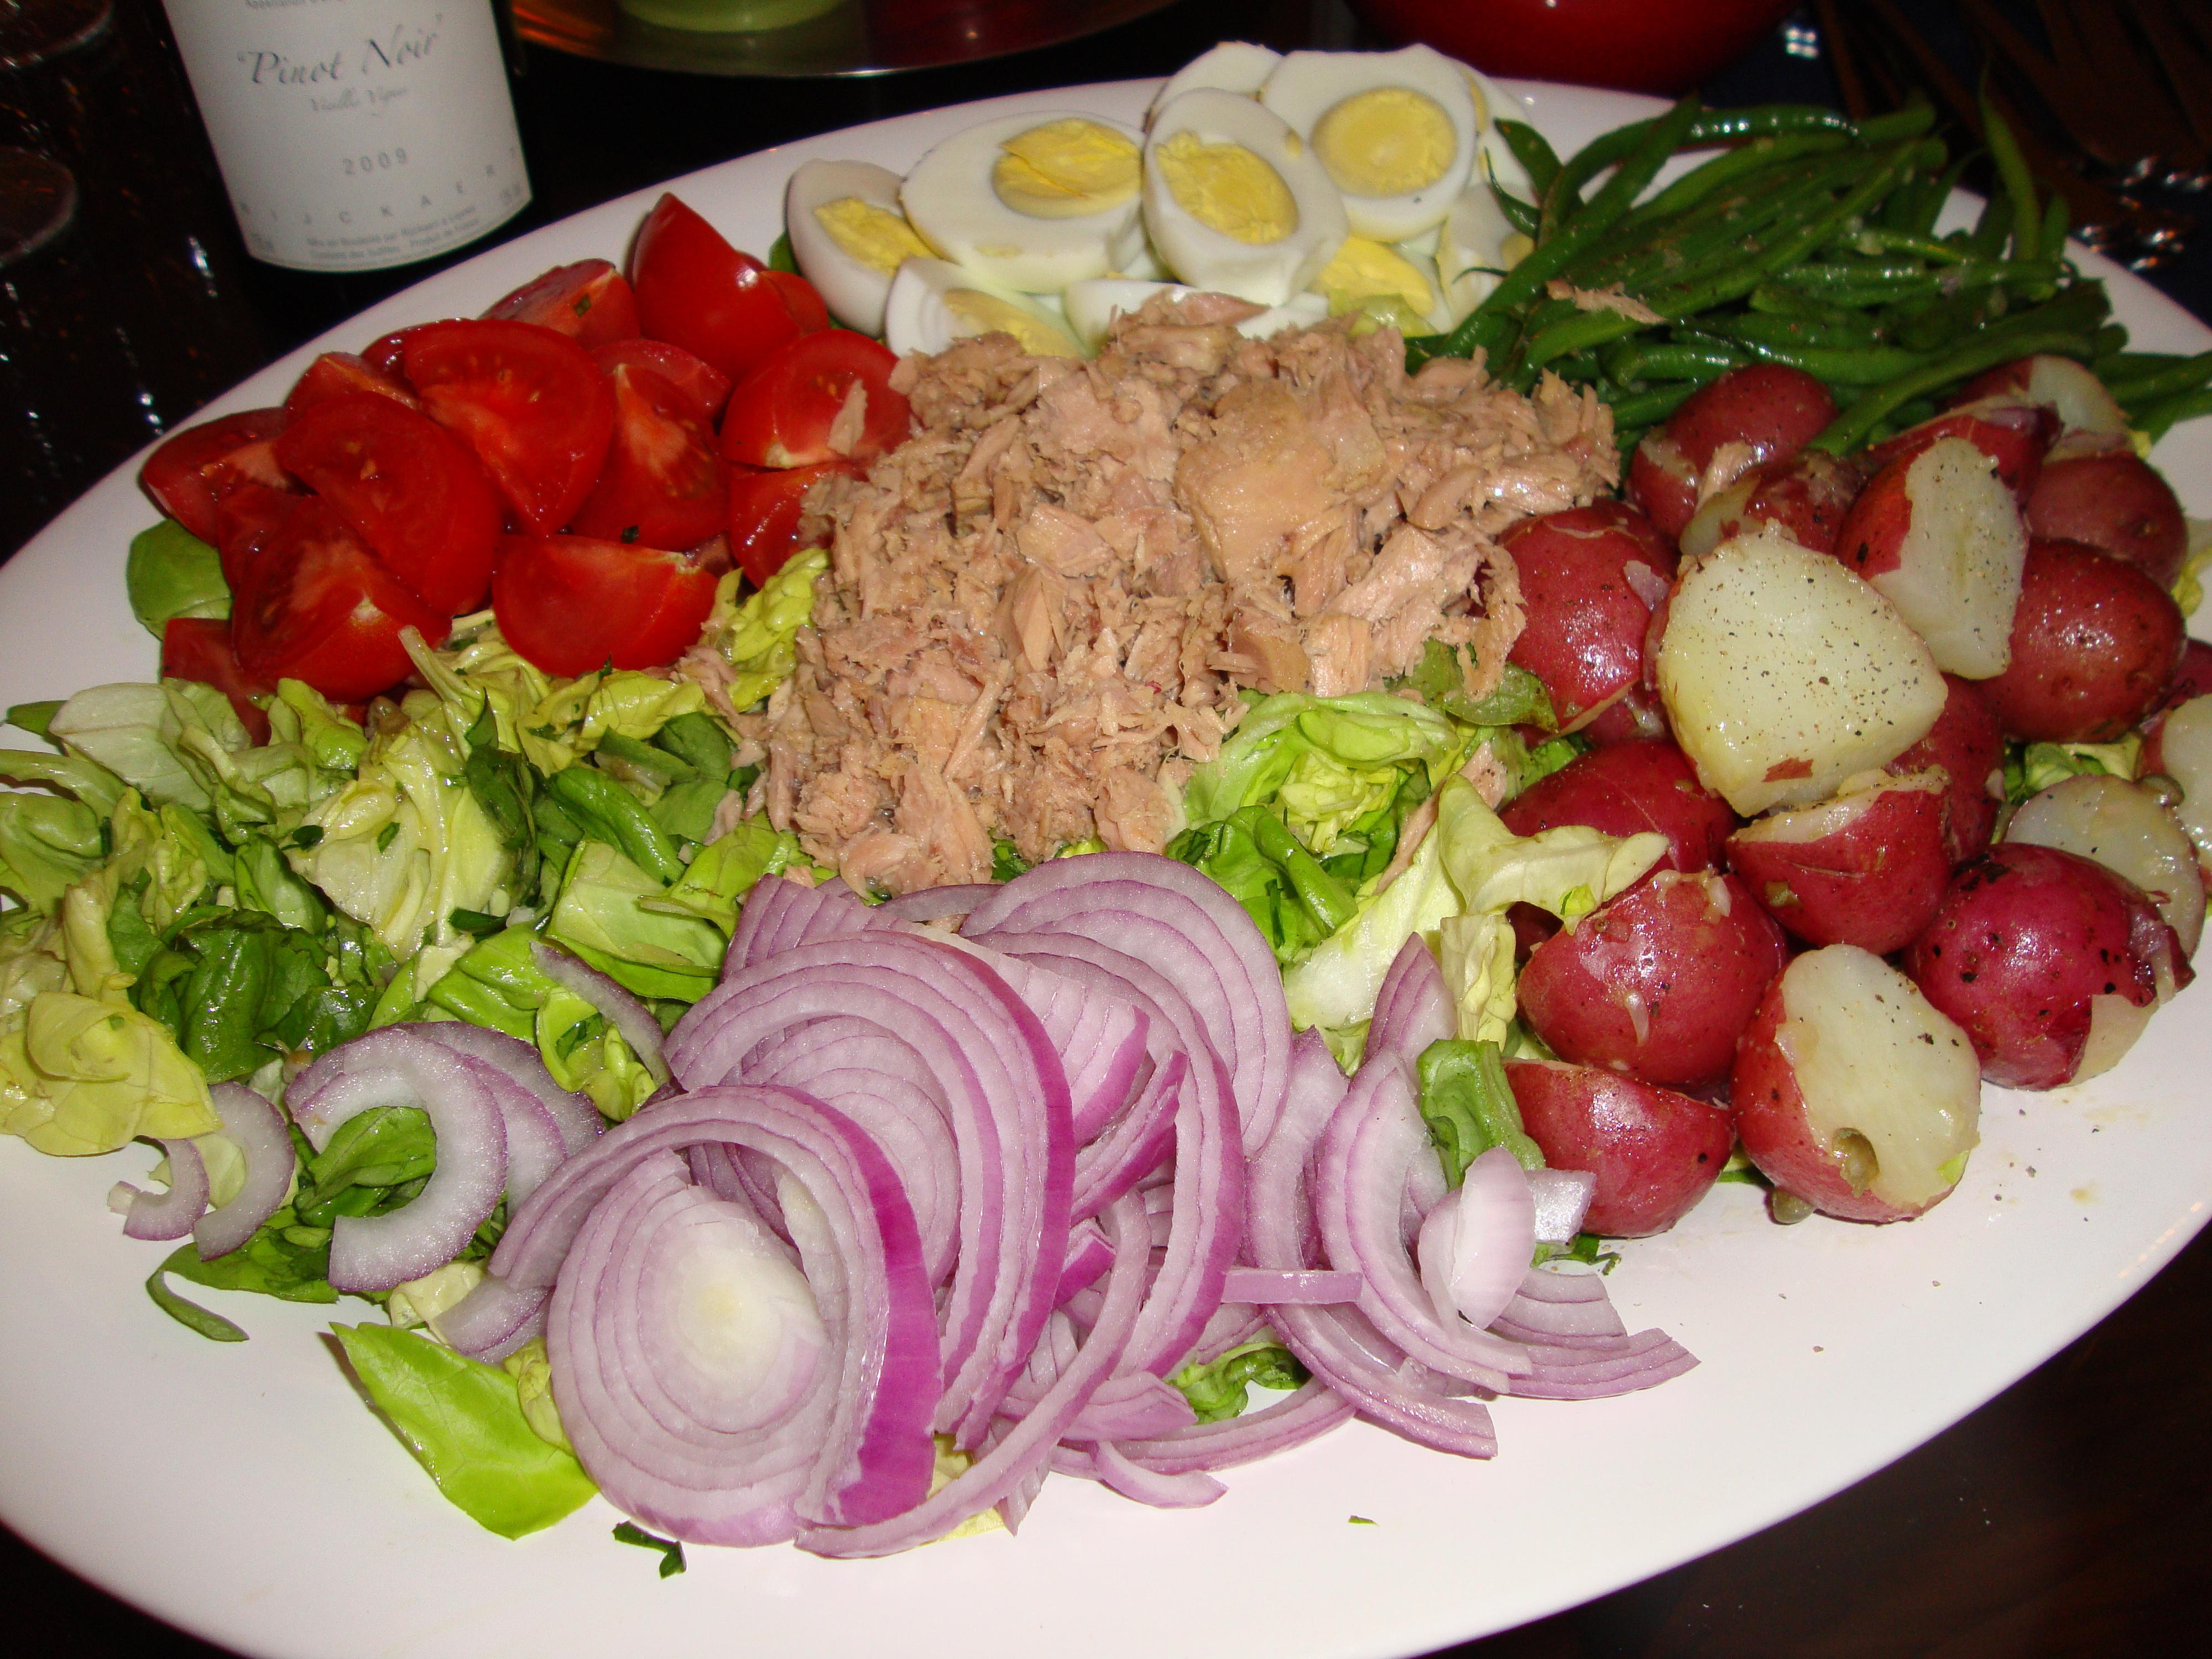 Salade nicoise cuisine francaise part deux taste by taste for Cuisine francaise